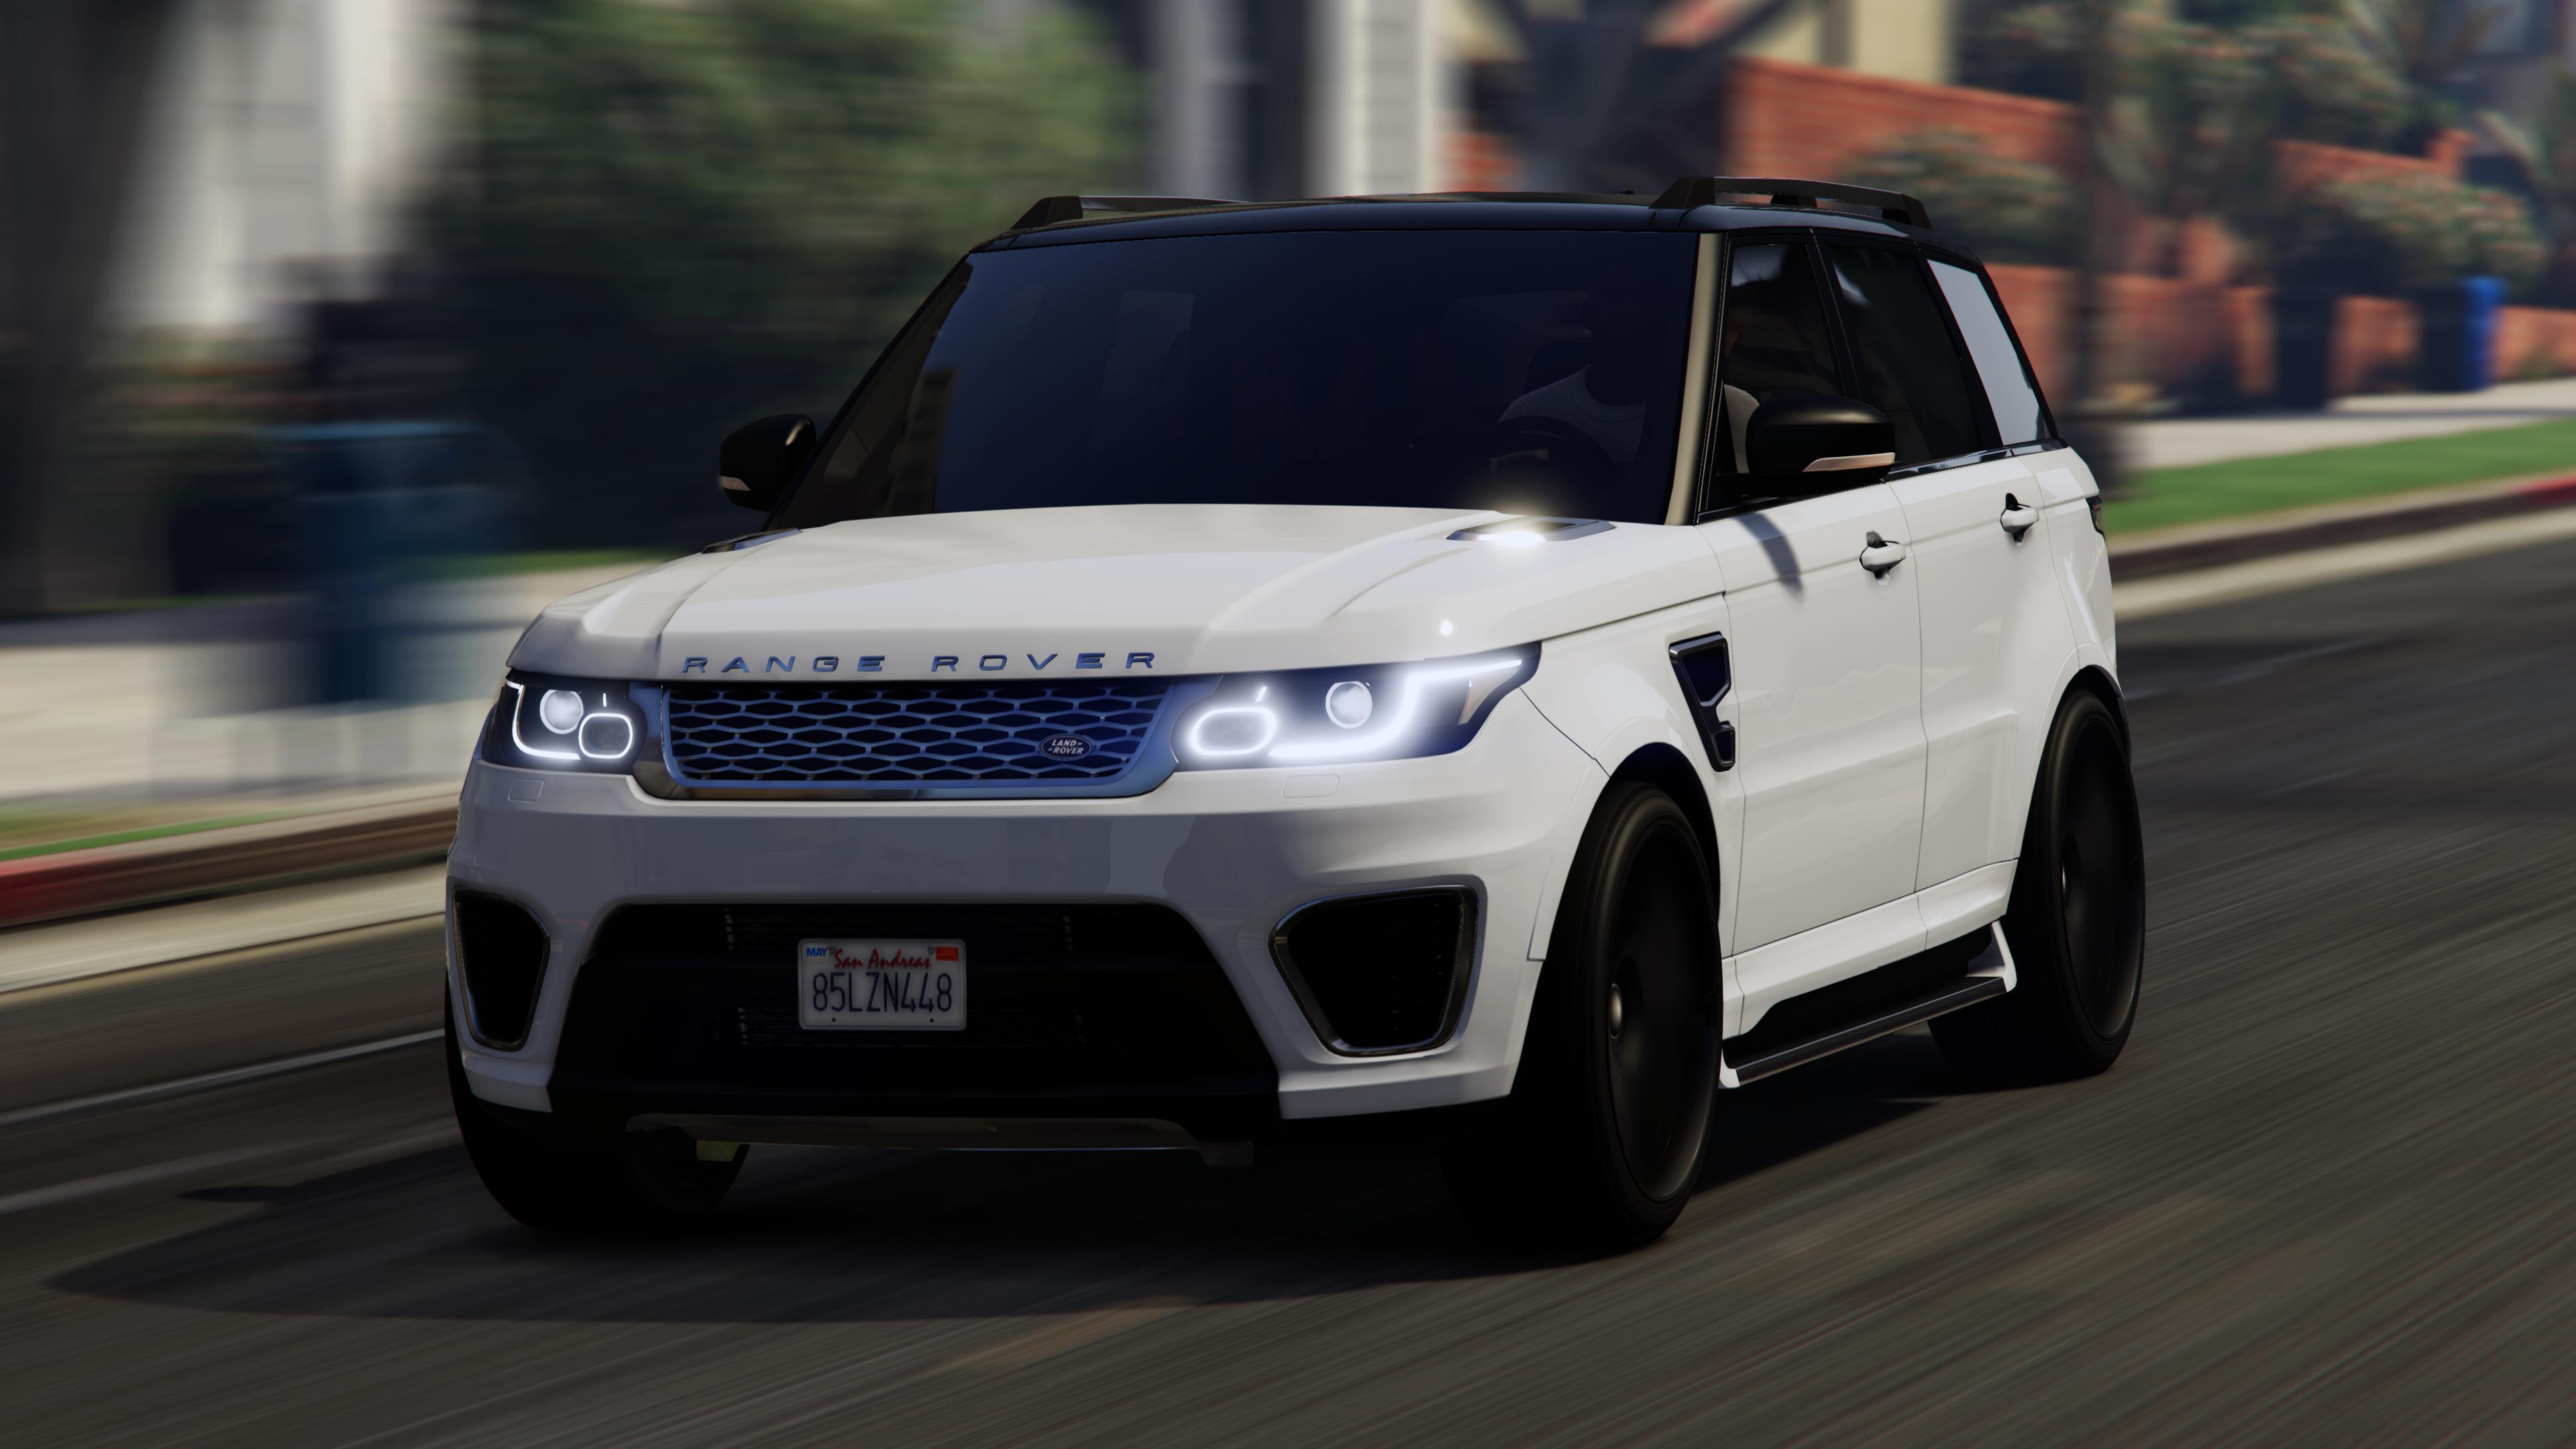 Range Rover Sport Replace Lods Gta5 Mods Com